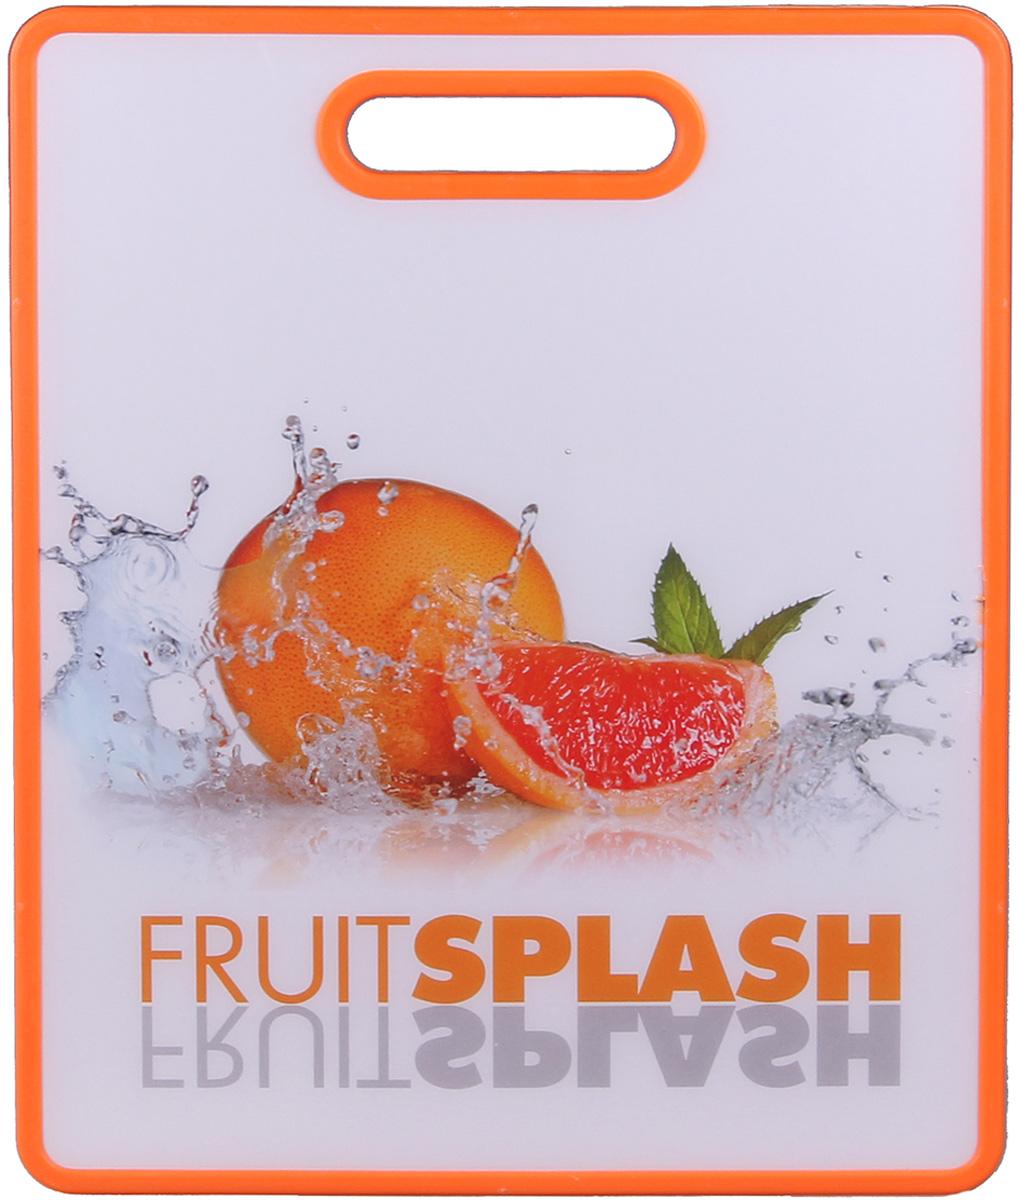 Доска разделочная Patricia, 30х38 , цвет: оранжевый. IM99-4711/2IM99-4711/2Разделочная доска в основном служит для нарезания продуктов питания,так же можно использовать как подставку под горячие сковороды.Разделочная доска является неотъемлемым атрибутом любой кухни.